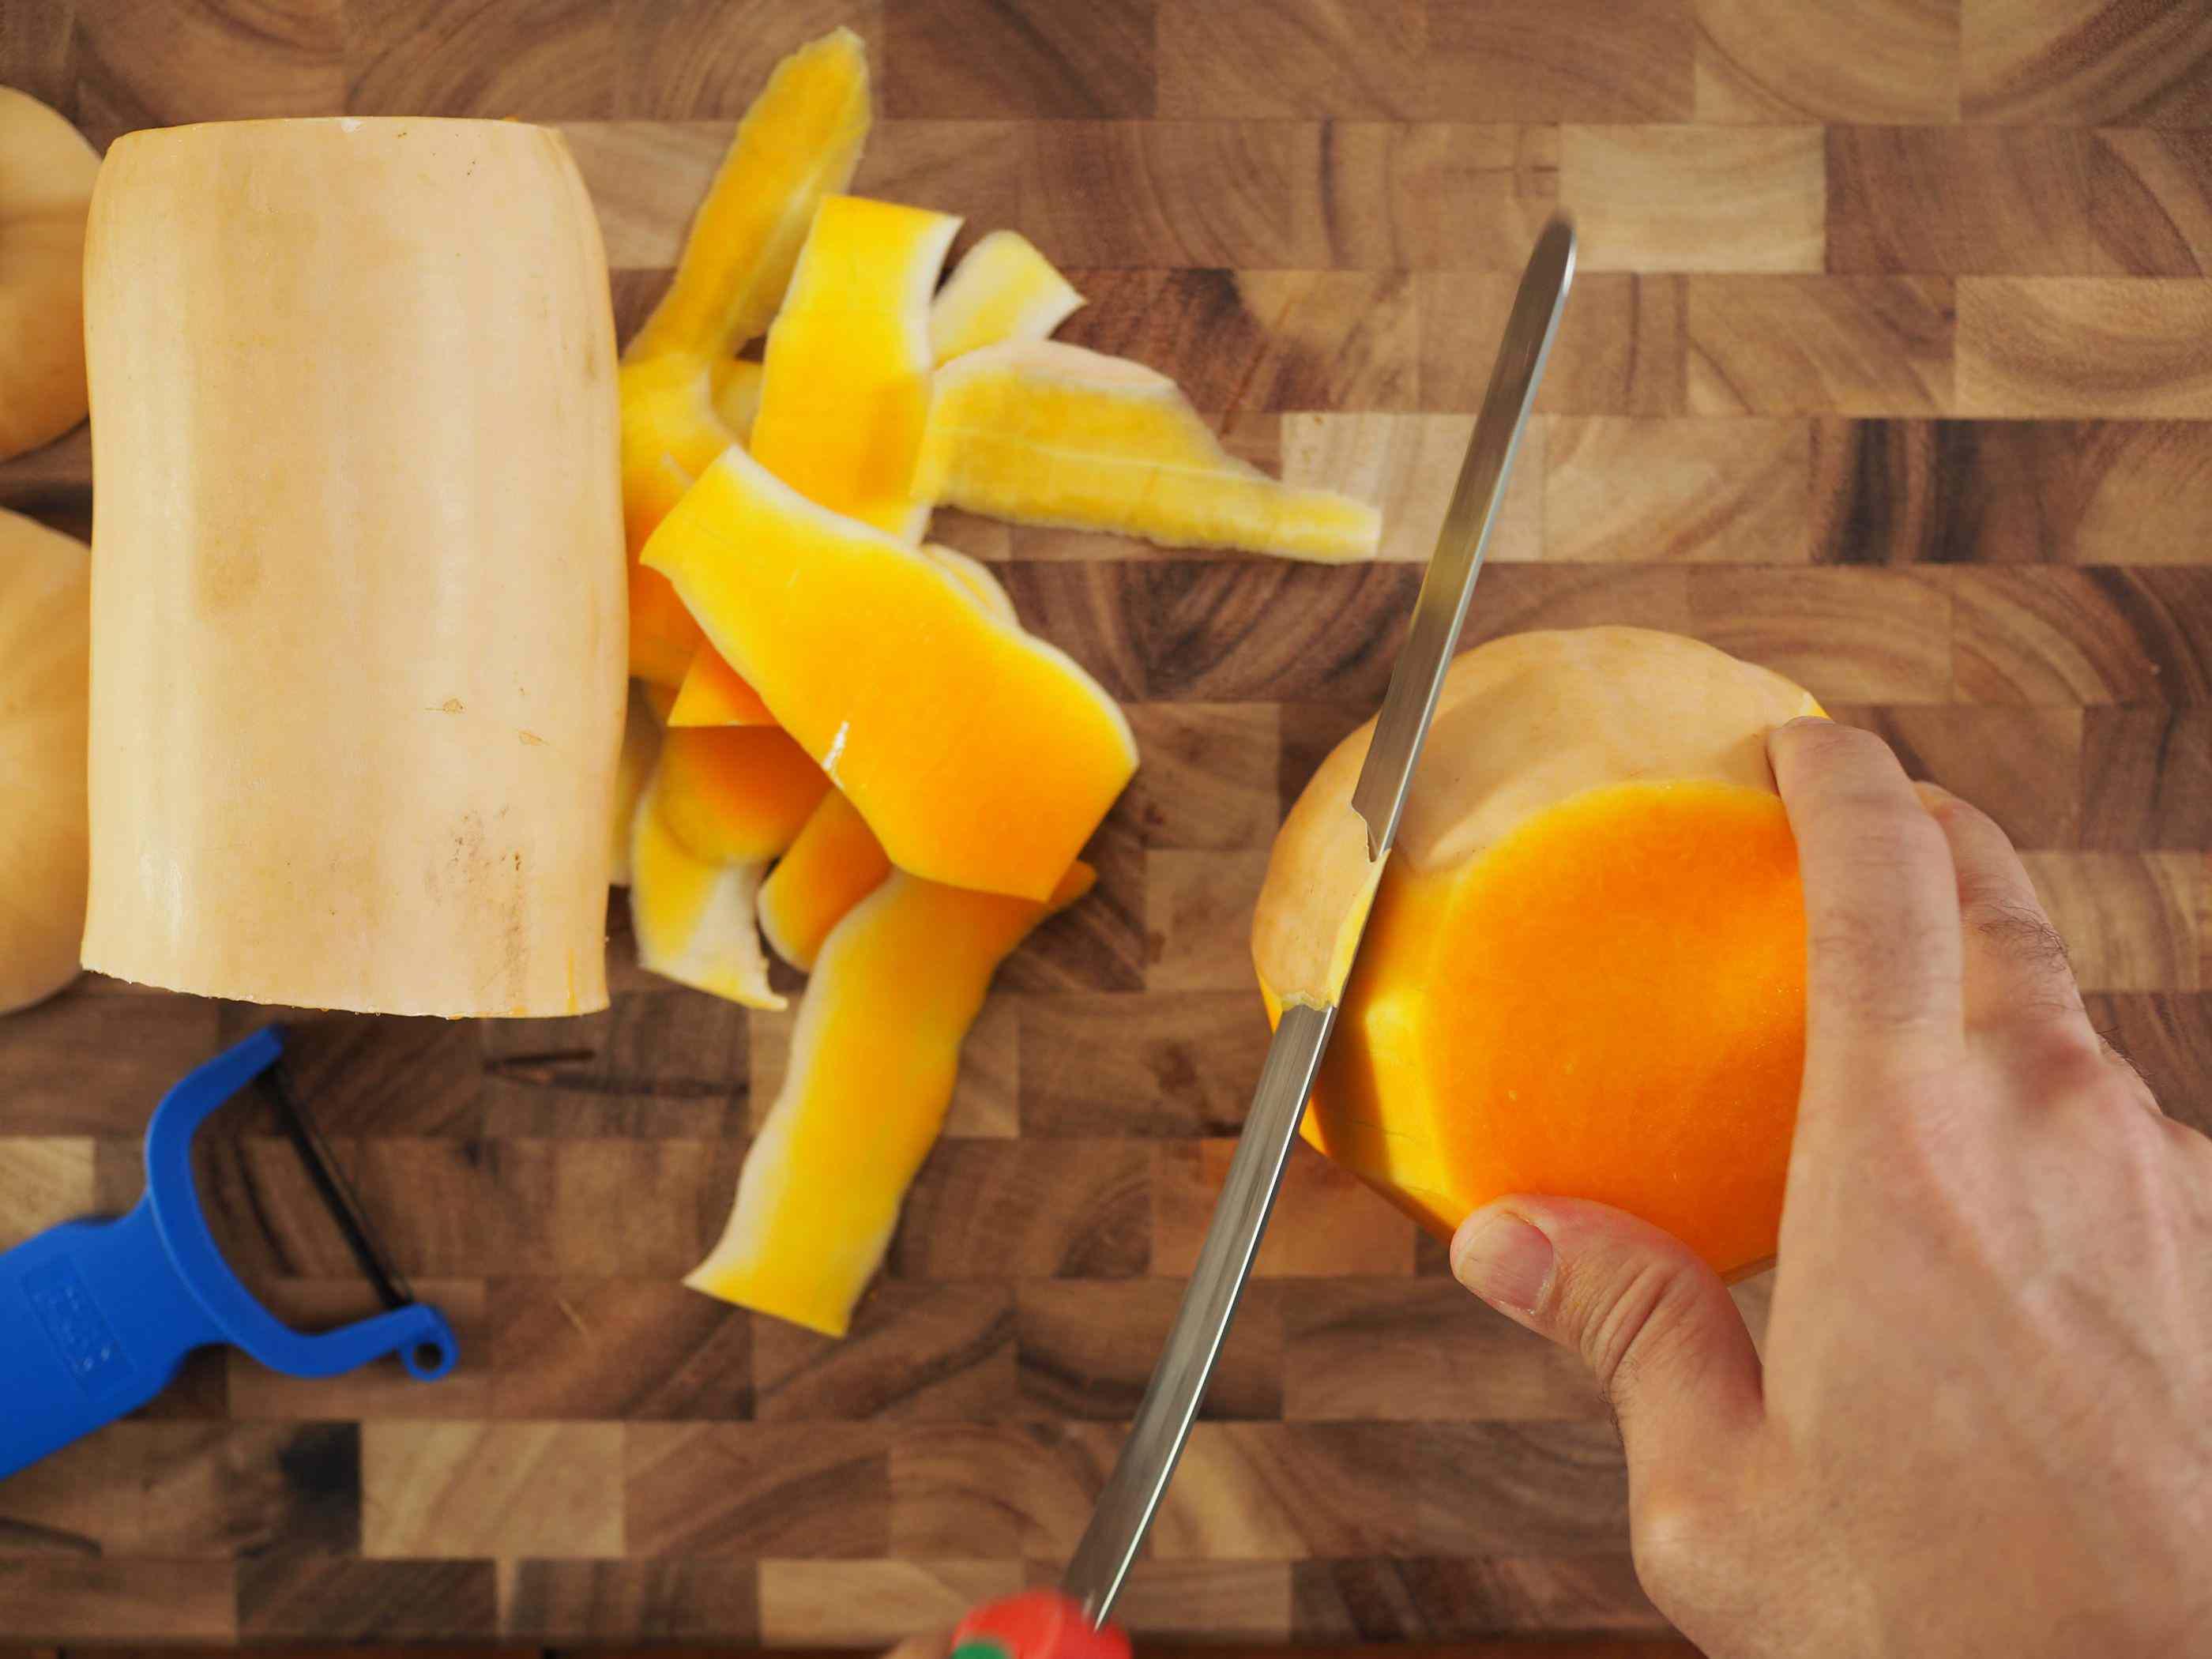 20141008-knife-skills-butternut-squash-daniel-gritzer09.jpg